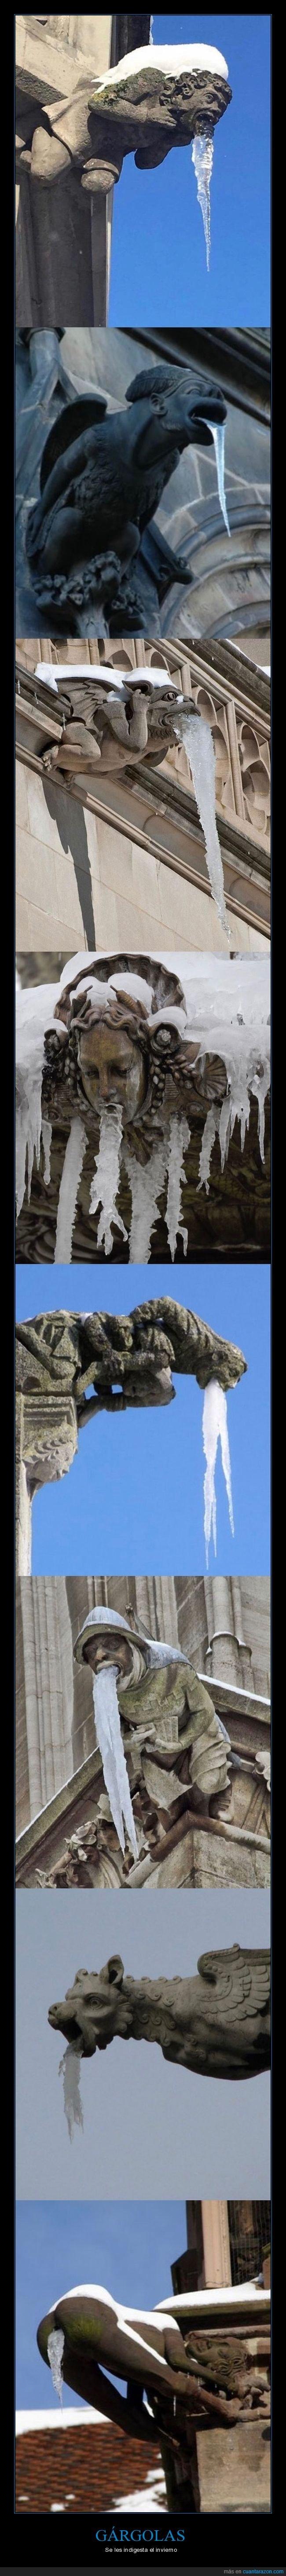 gárgolas,hielo,invierno